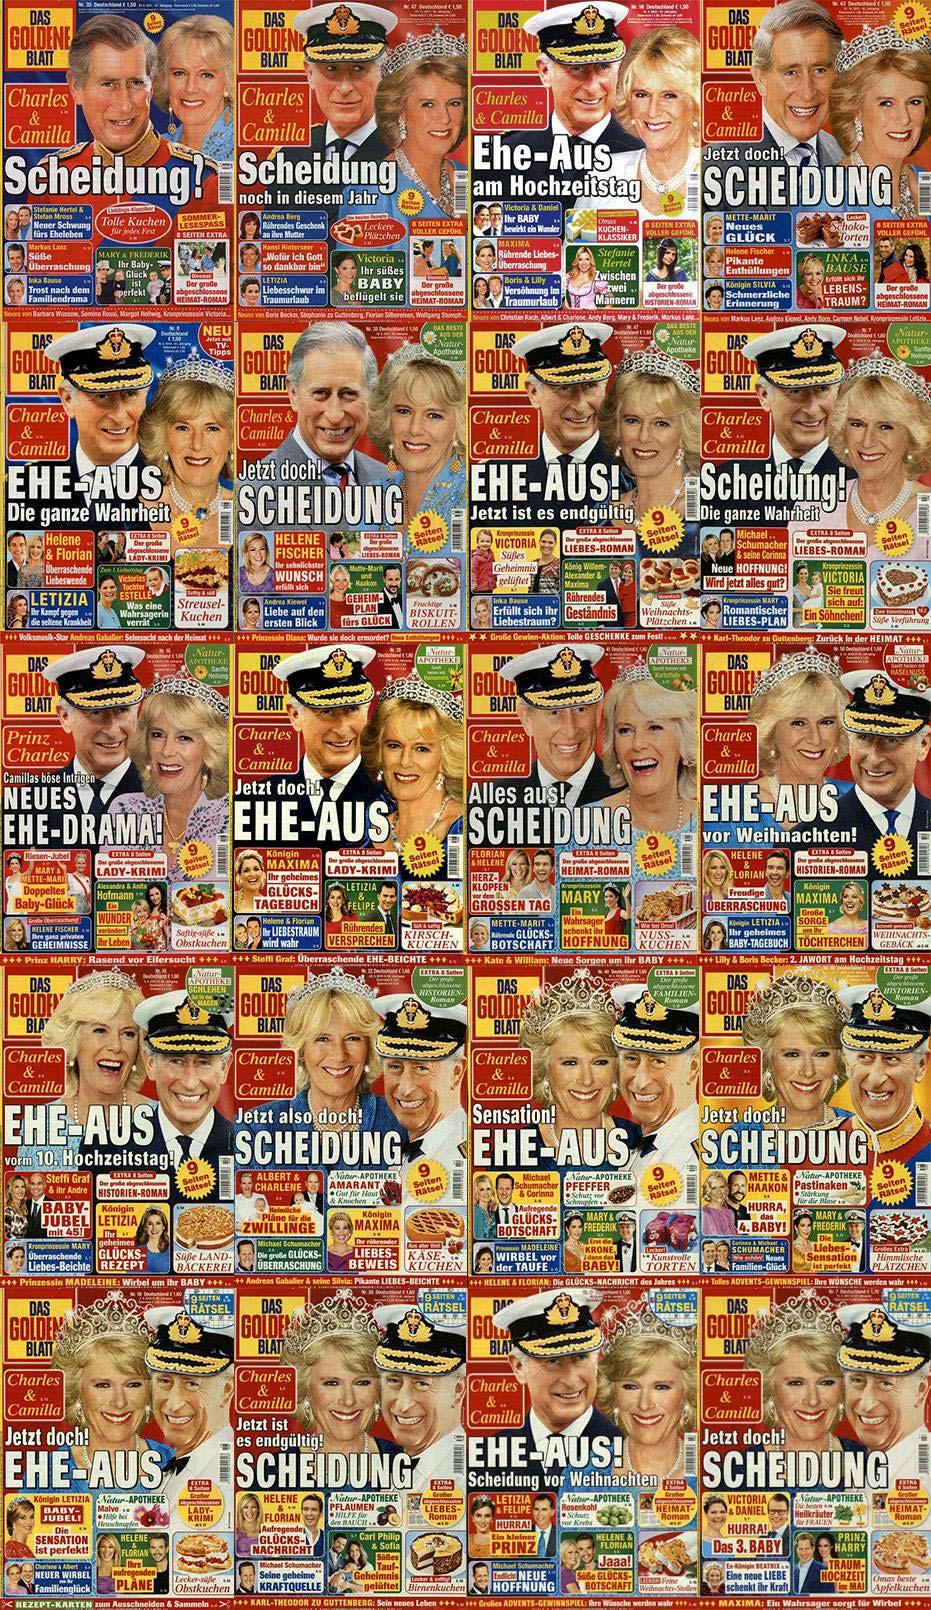 Bilderparade CDXXXV LangweileDich.net_Bilderparade_CDXXXV_34